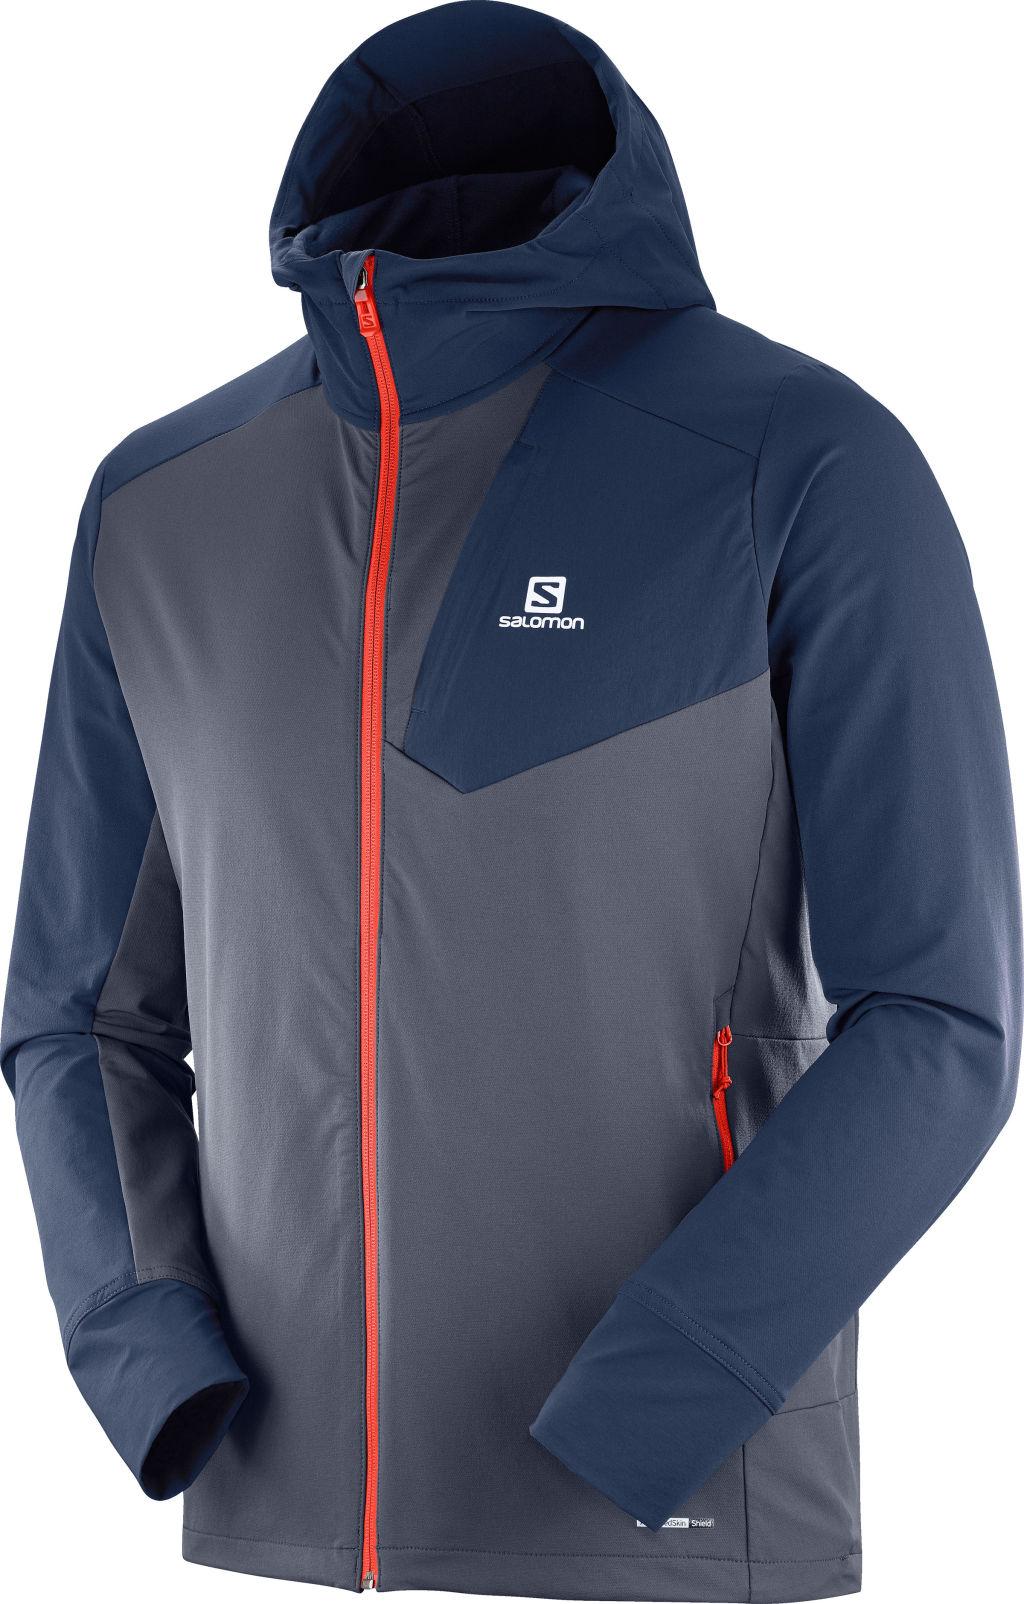 Salomon Ranger Jkt miesten softshell takki Tummansininen 76f9843ee7